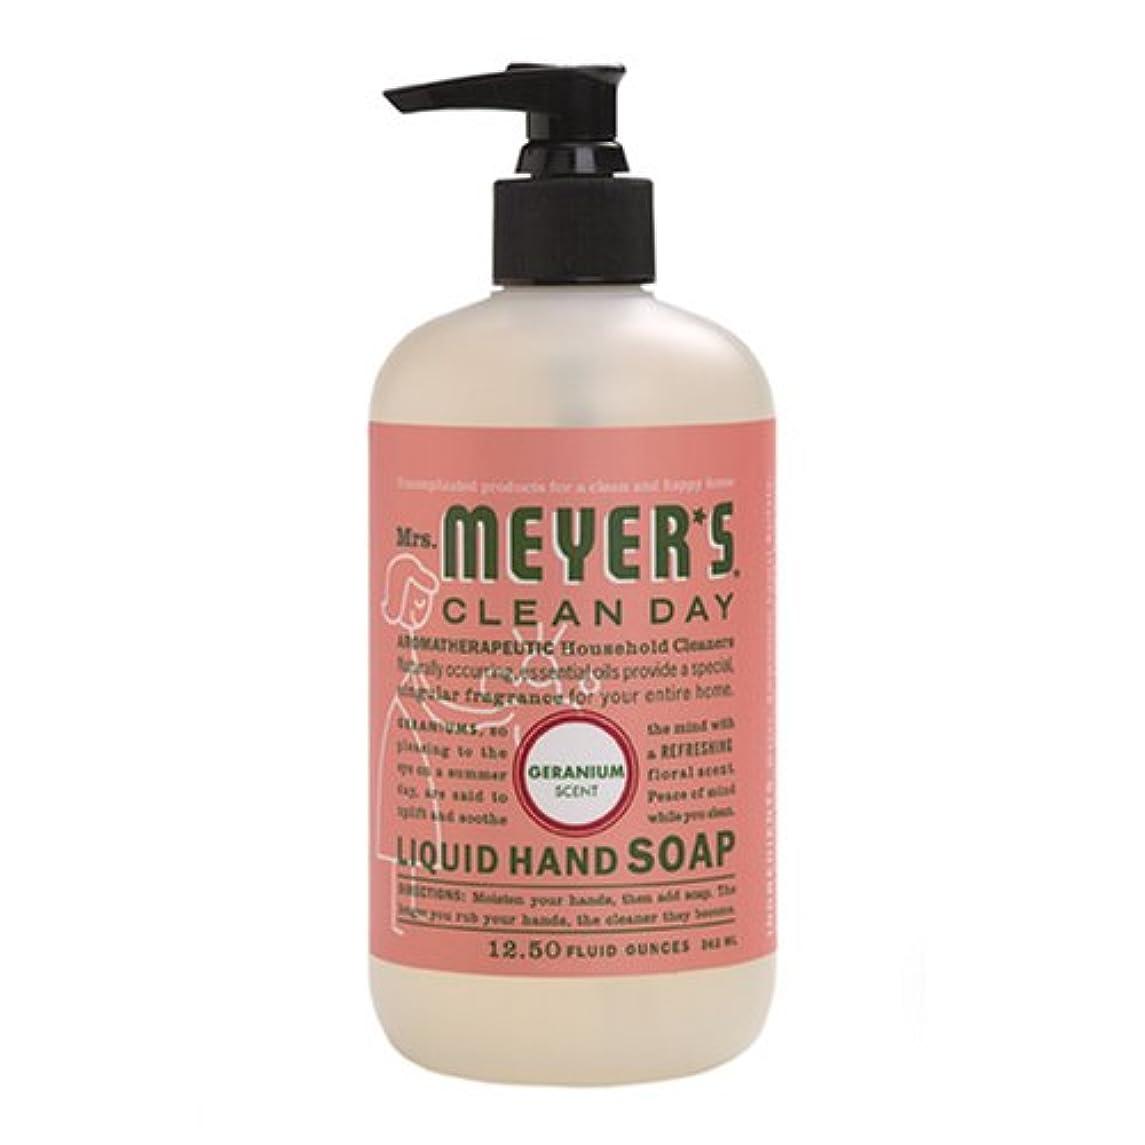 急流民間広範囲にMrs. Meyers Clean Day, Liquid Hand Soap, Geranium Scent, 12.5 fl oz (370 ml)